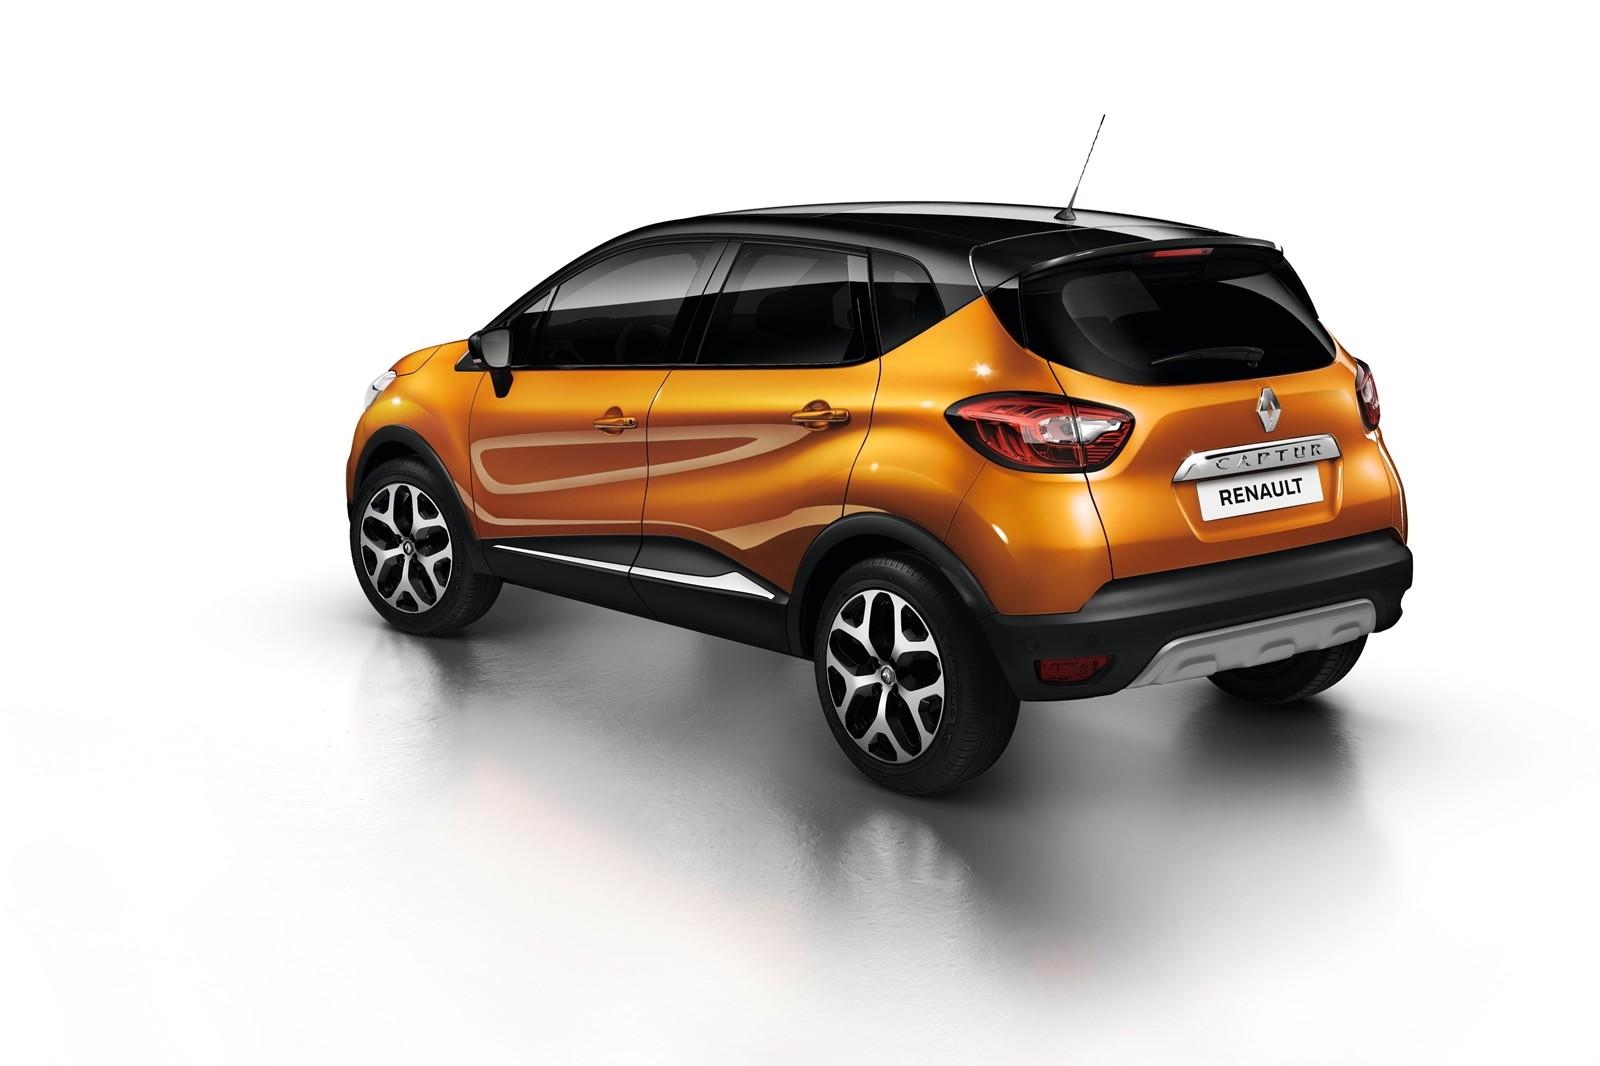 El Renault Captur 2017 ya tiene precios en España: A partir de 15.650 euros...